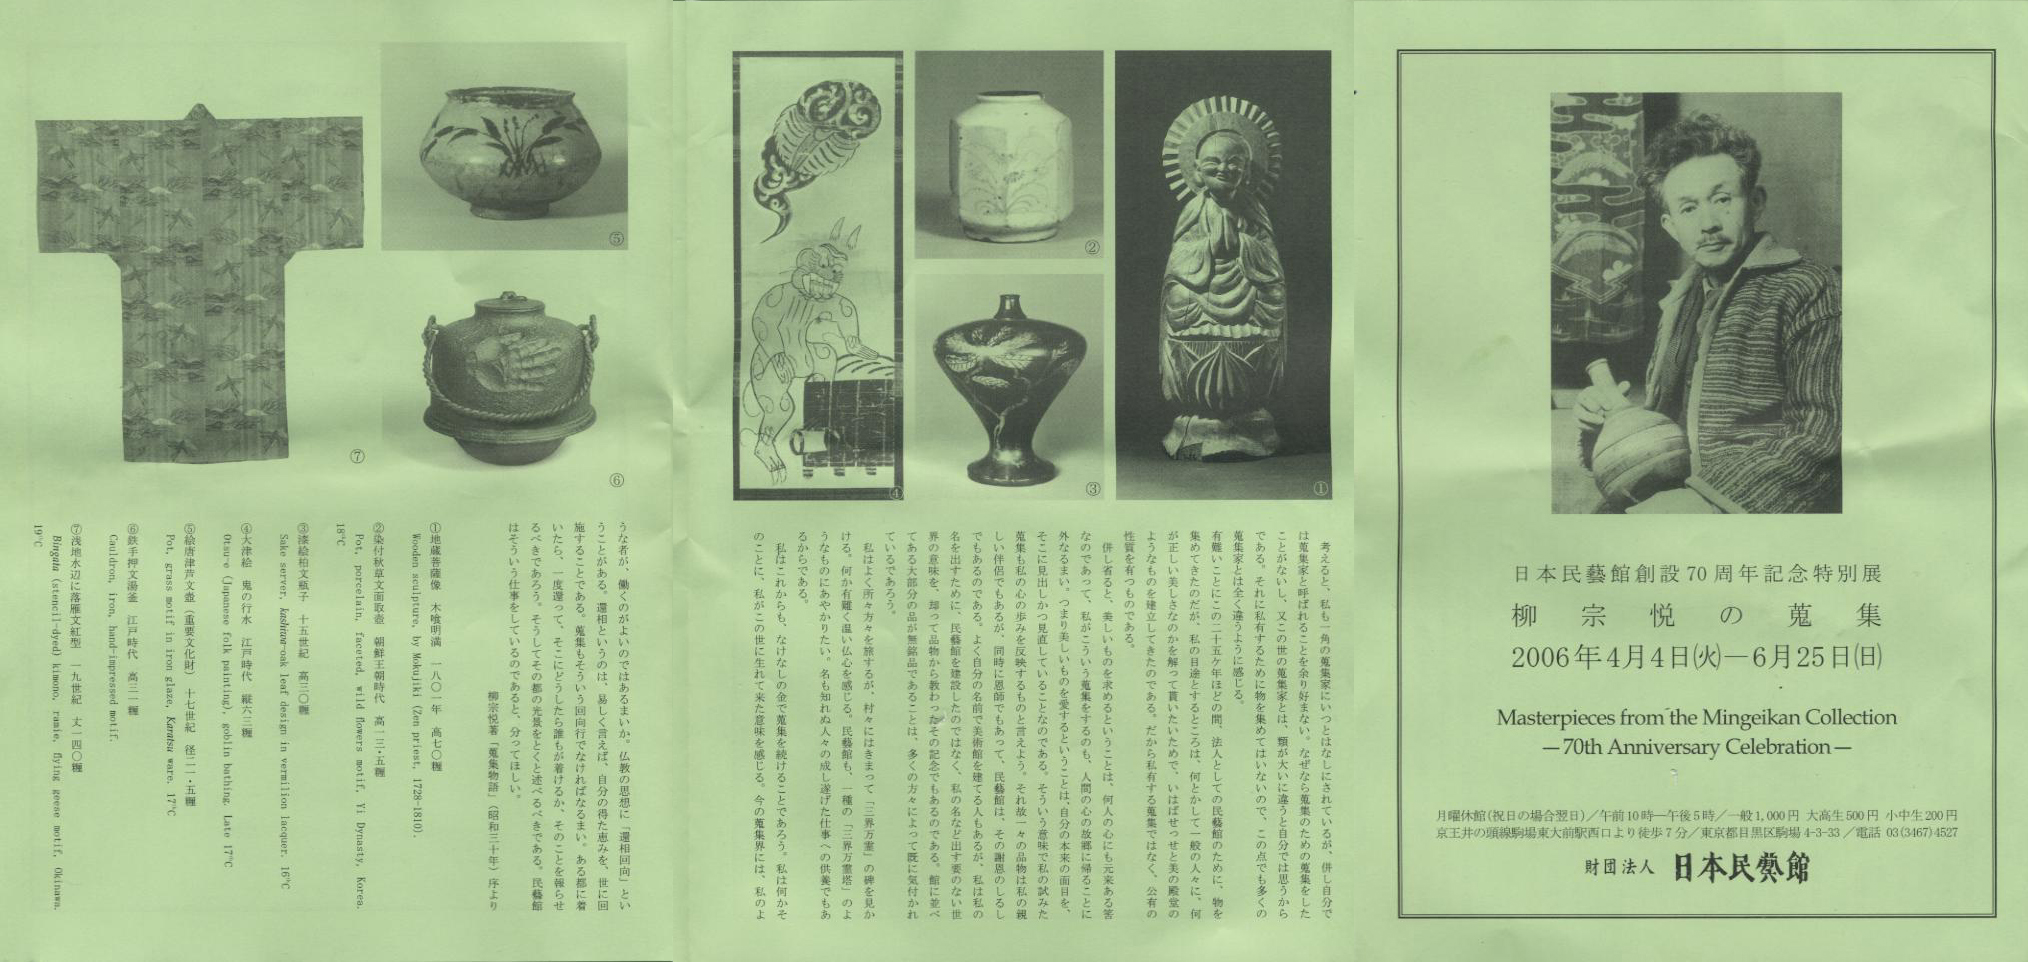 柳宗悦邸&李朝の家具と民画 アート ART Hidemi Shimura